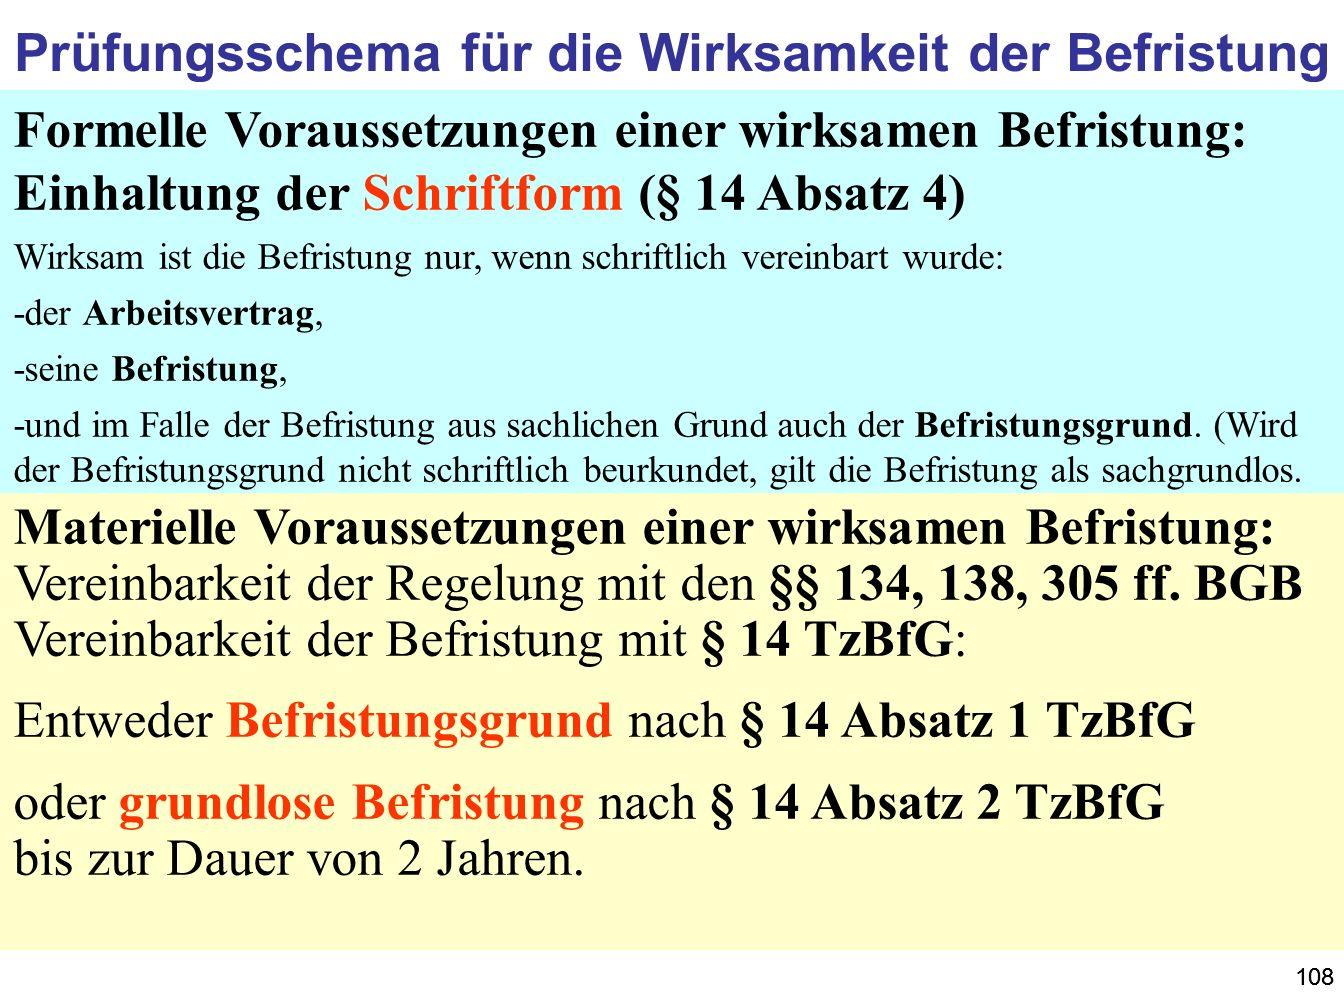 108 Prüfungsschema für die Wirksamkeit der Befristung Formelle Voraussetzungen einer wirksamen Befristung: Einhaltung der Schriftform (§ 14 Absatz 4)